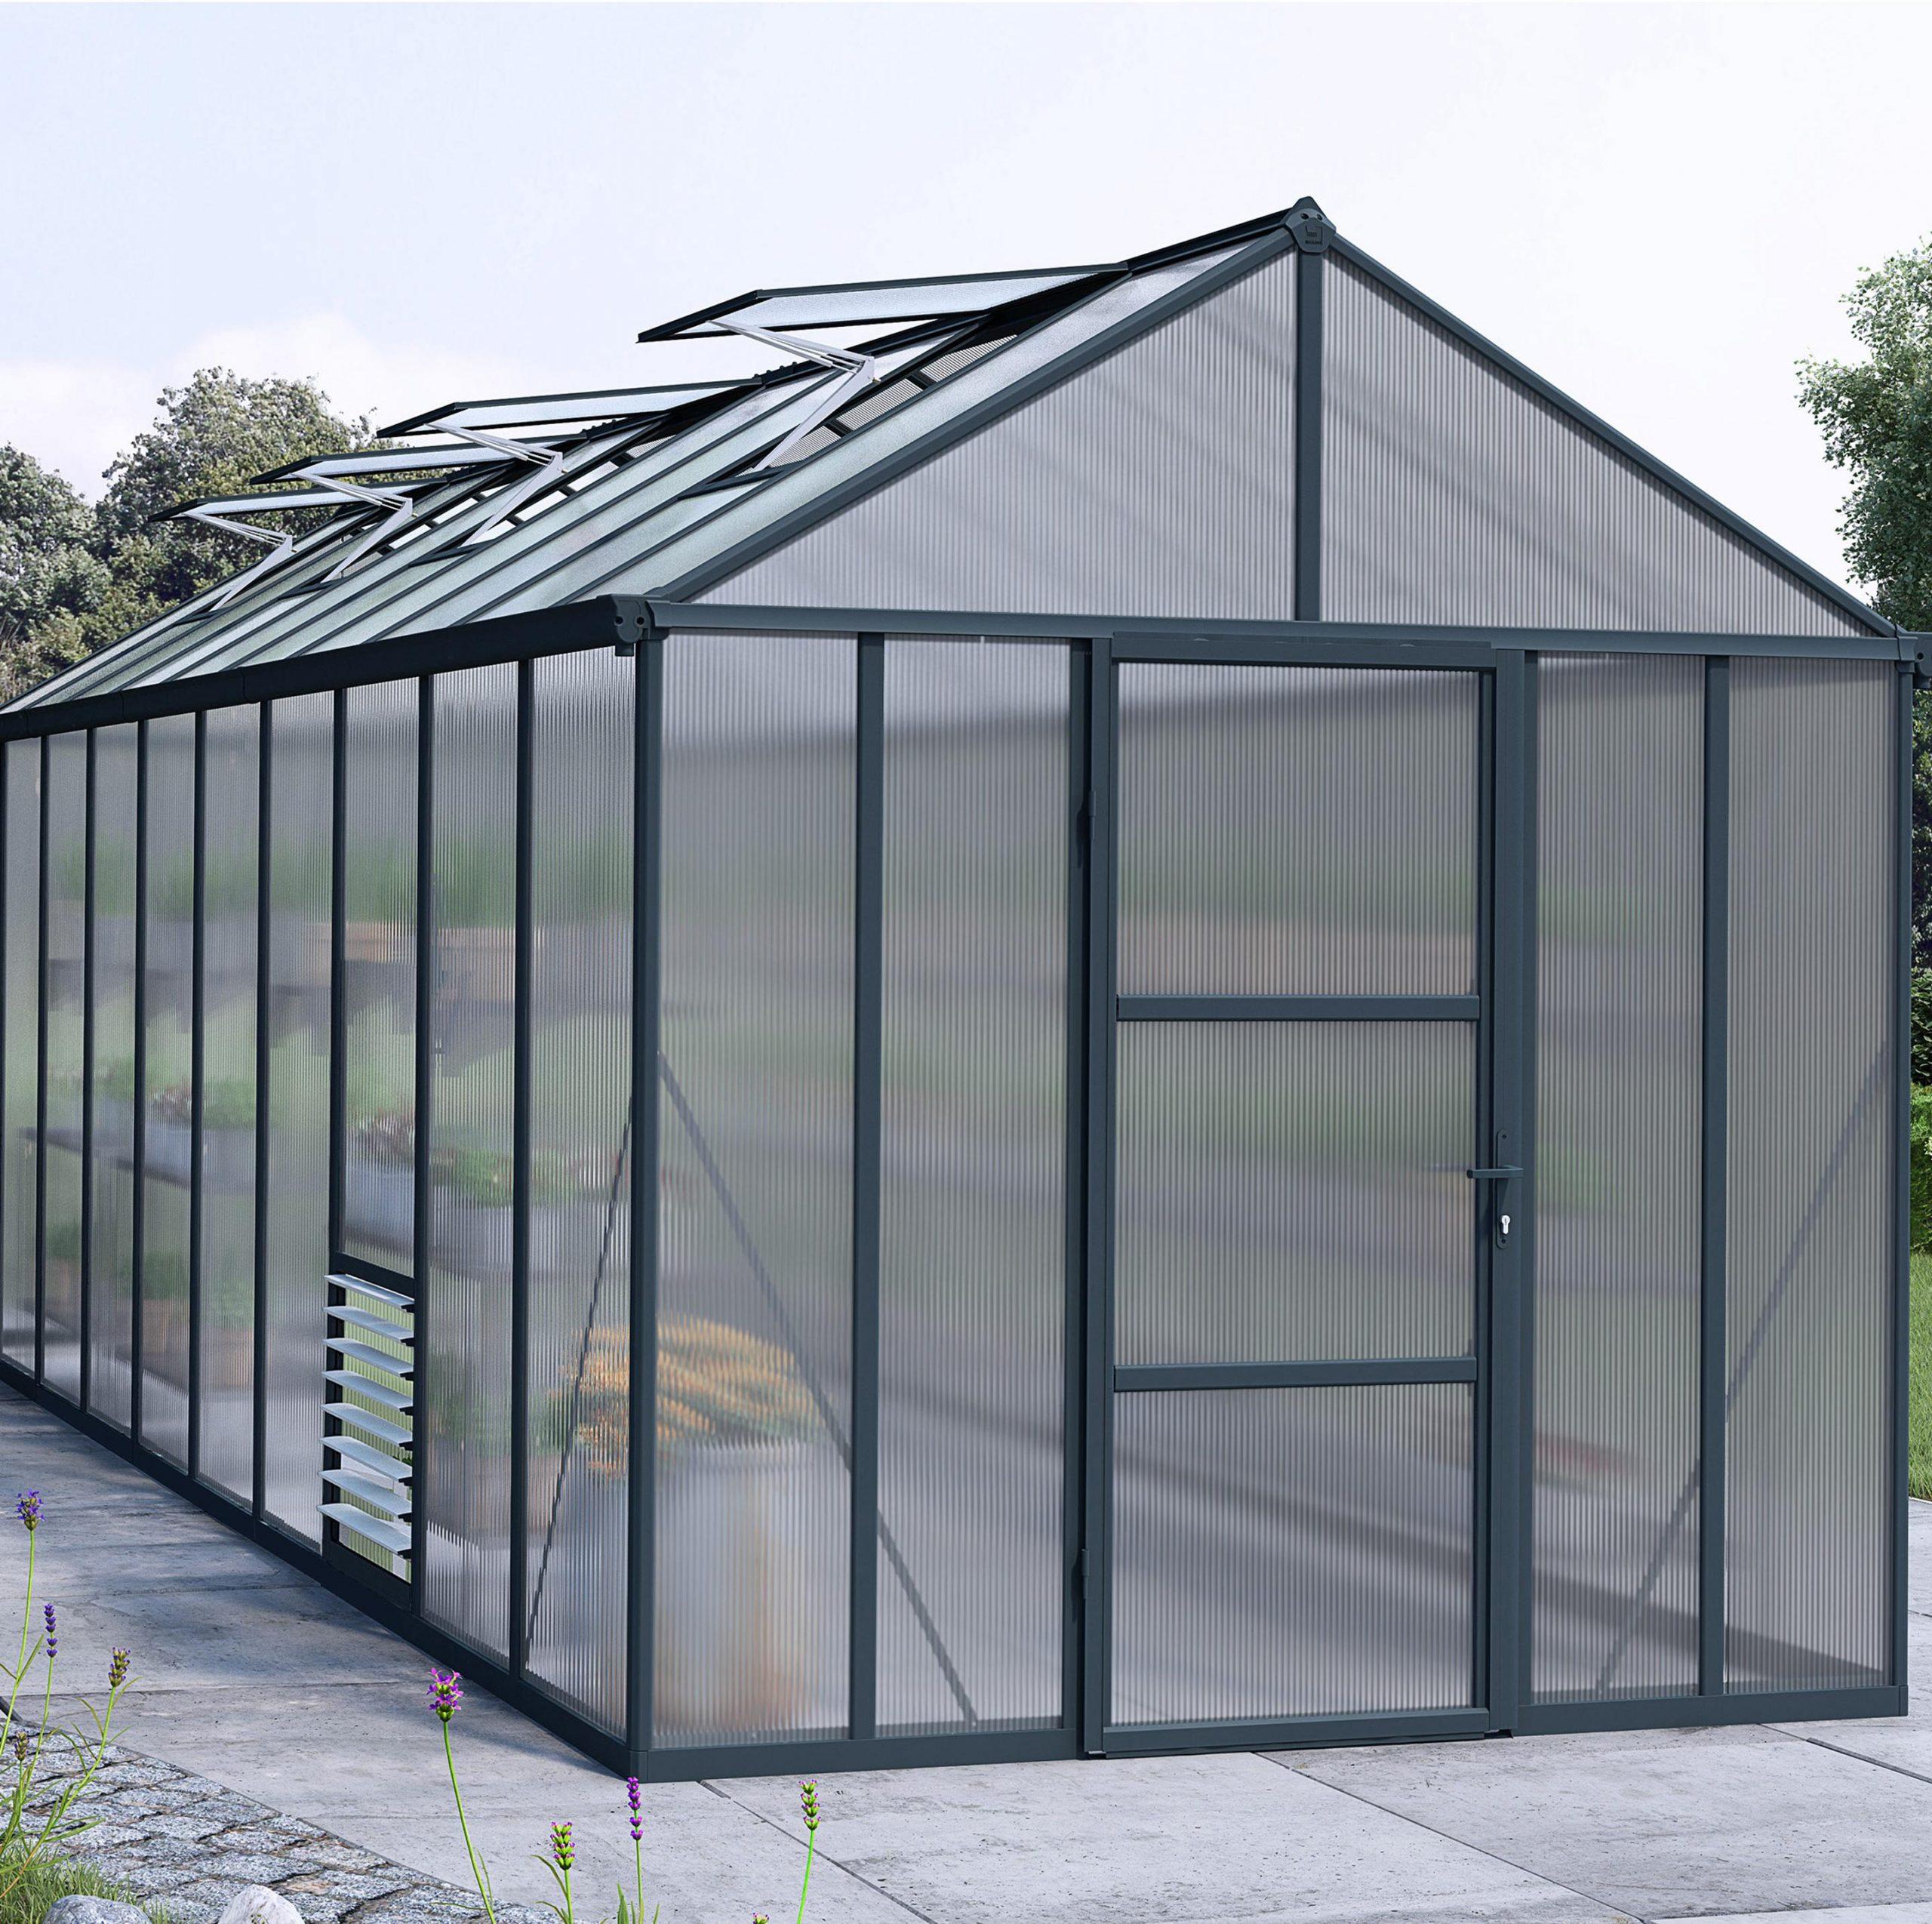 Serre De Jardin Glory 14.3 M², Aluminium Et Polycarbonate Double Parois,  Palram à Leroy Merlin Serre De Jardin